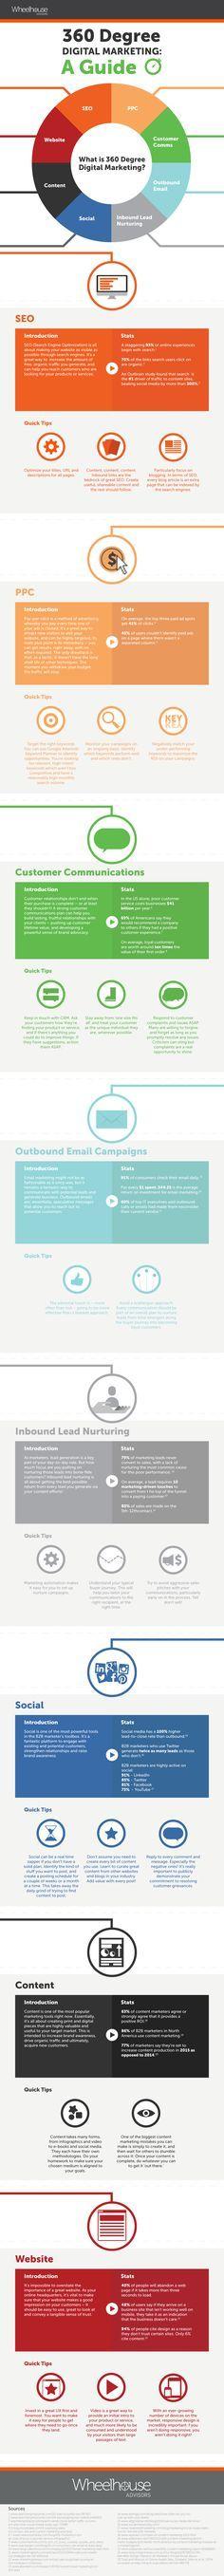 360 digital marketing strategies